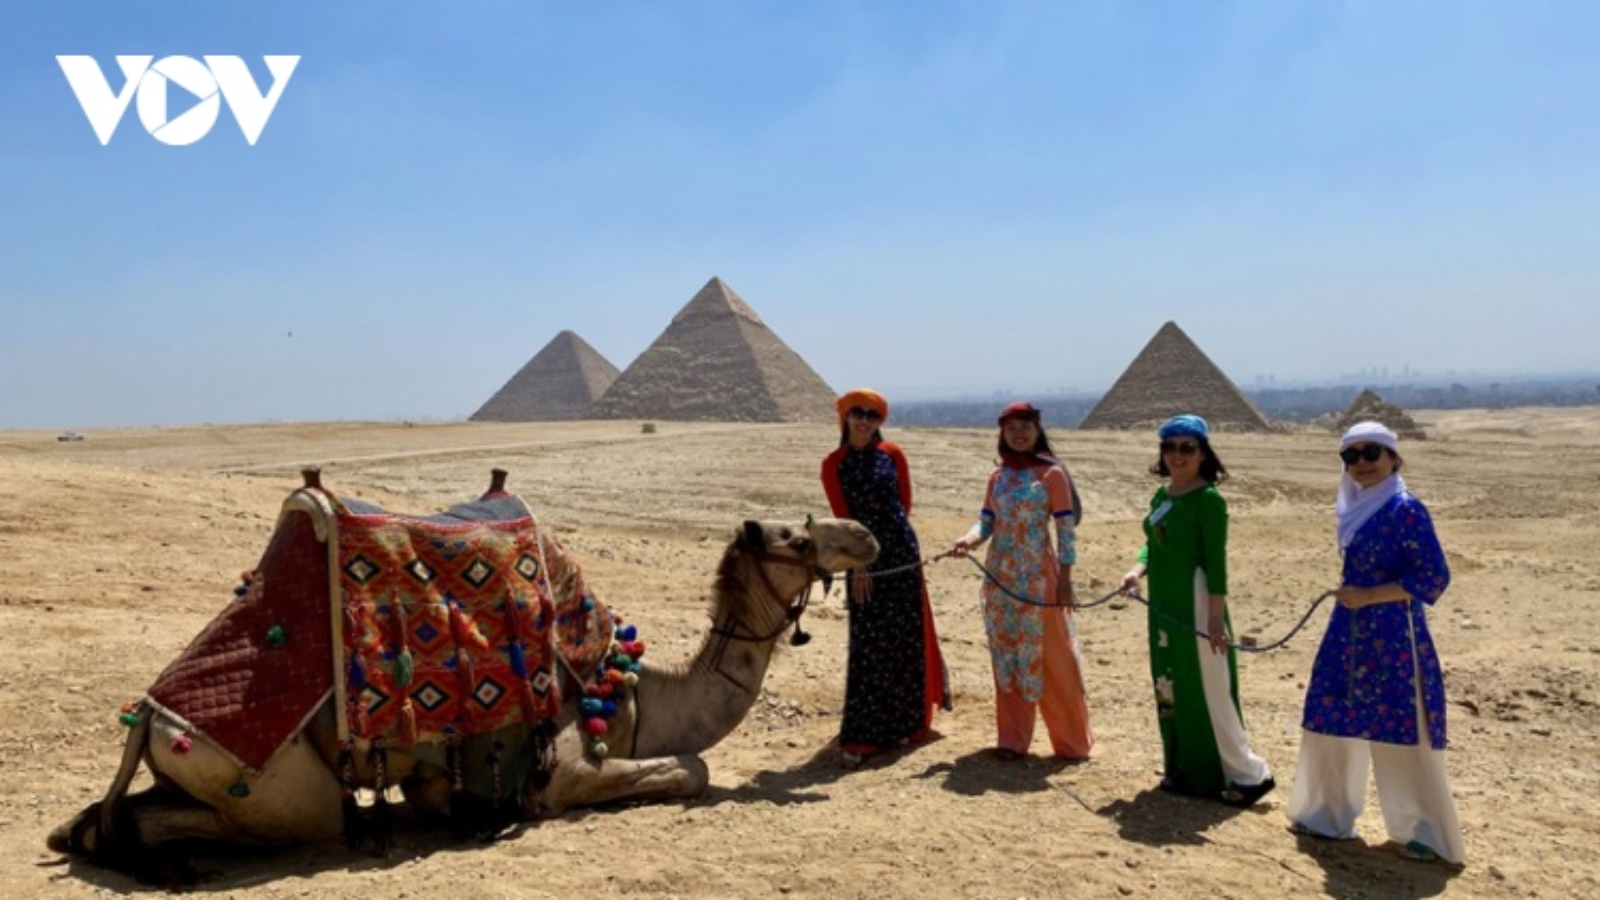 Khách du lịch vào Ai Cập phải có giấy chứng nhận âm tính với Covid-19